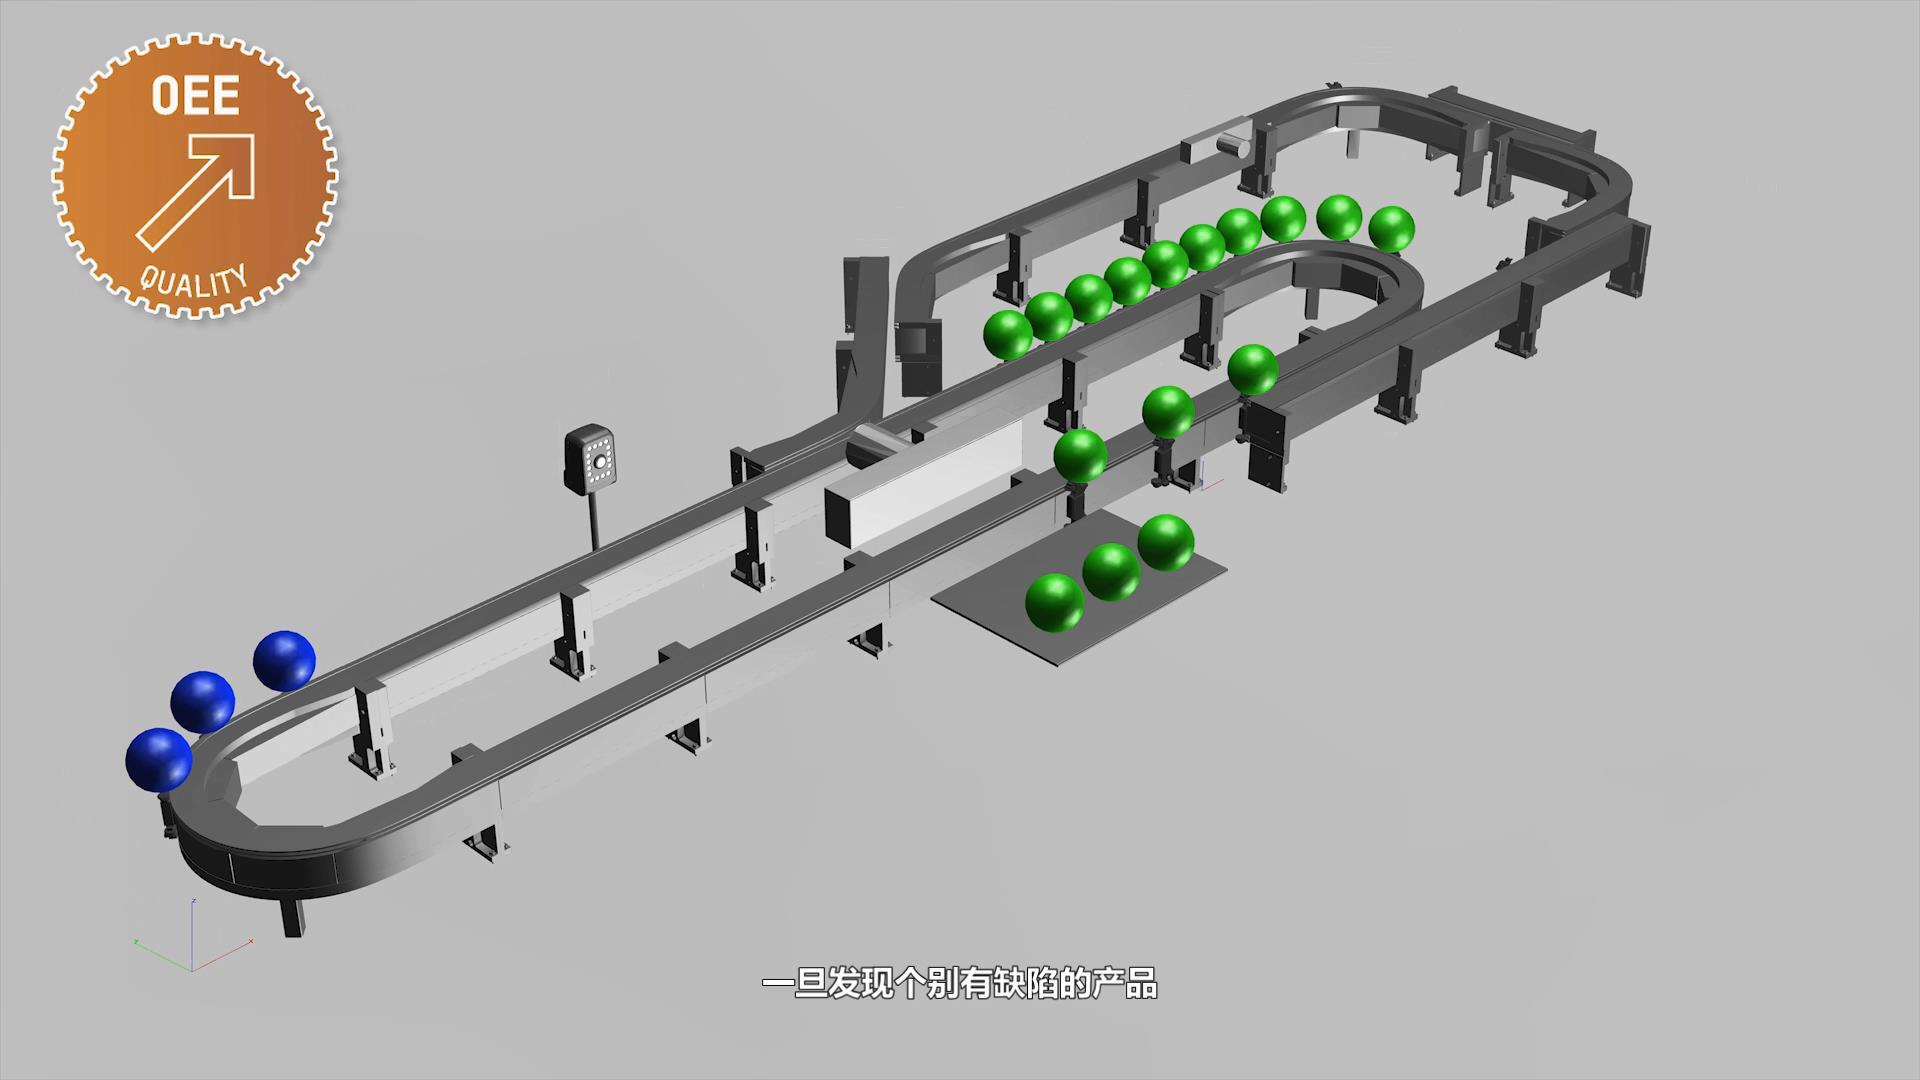 贝加莱ACOPOSTrak2—完全保证生产质量的产品分流